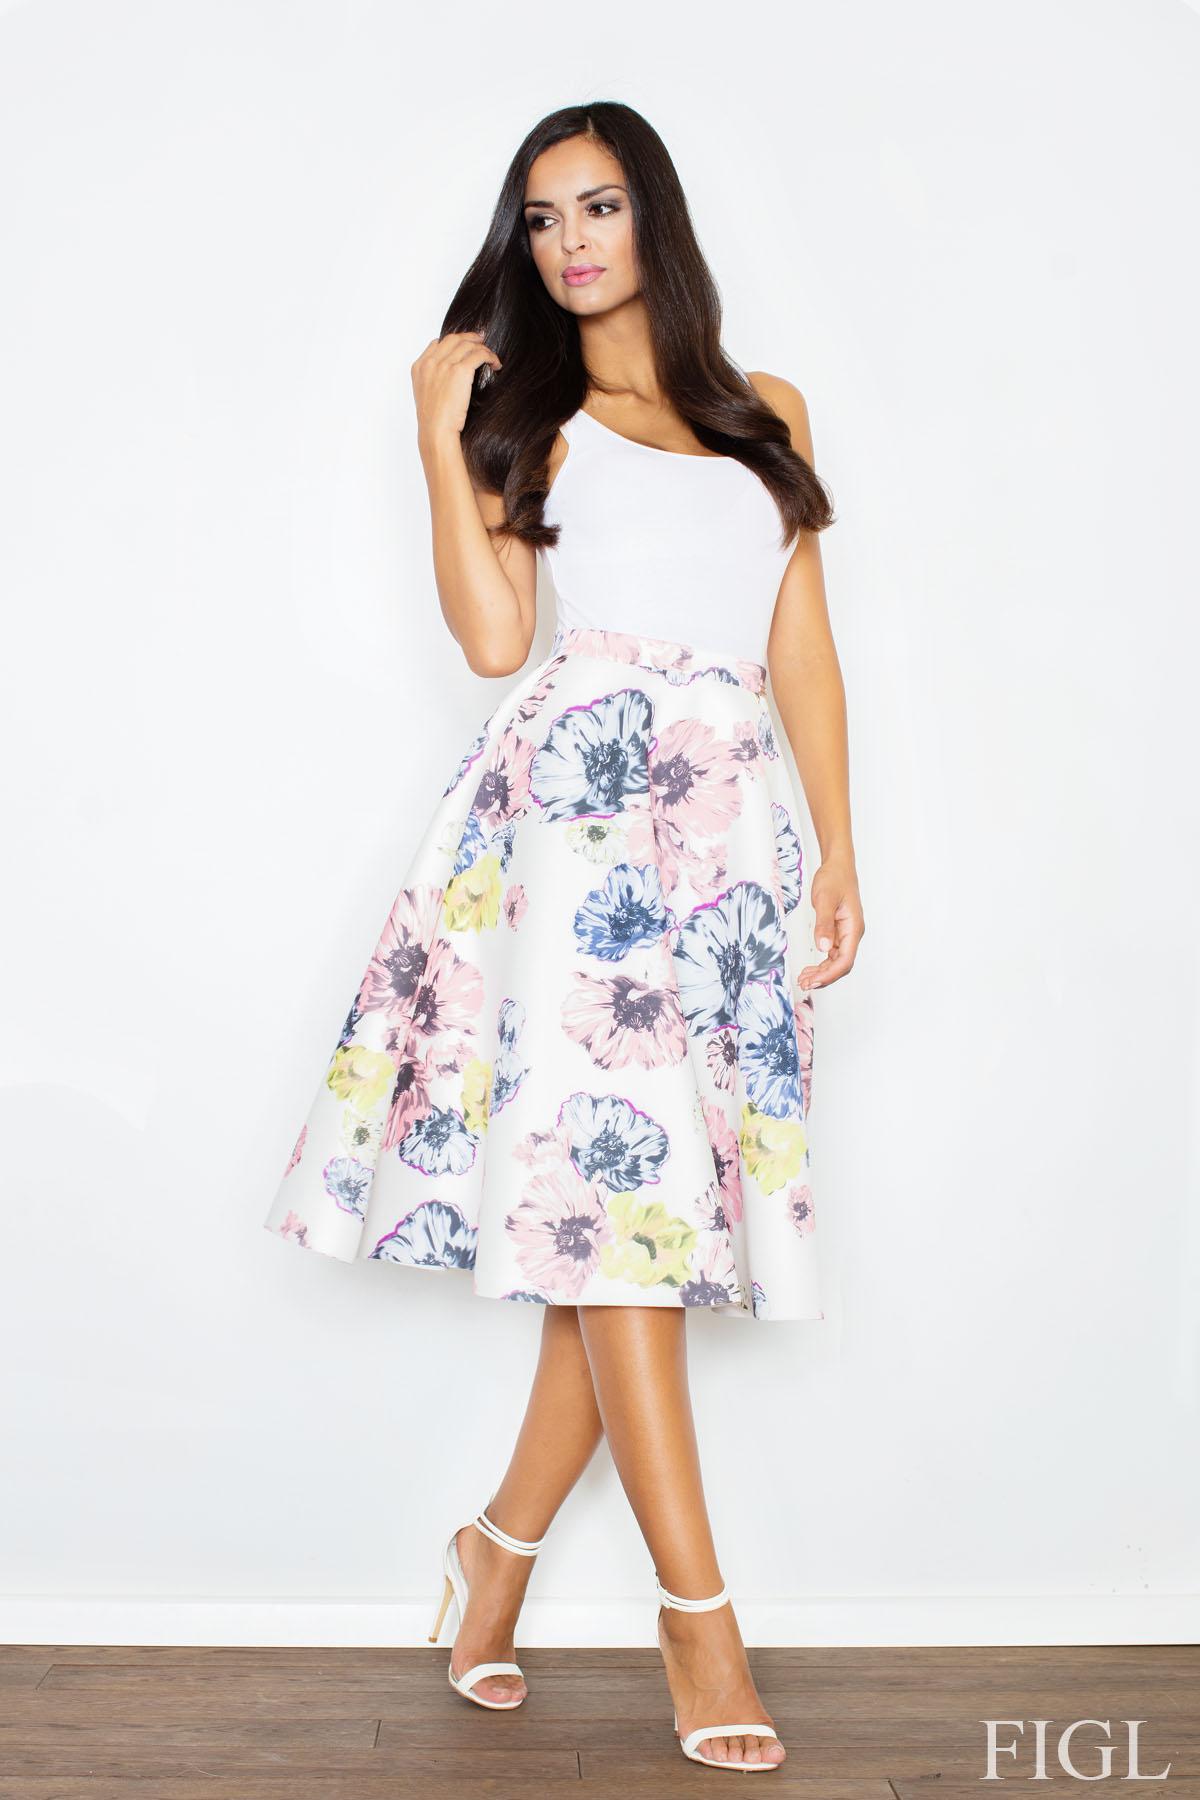 c1b0839b3932 FIGL Dámska retro sukňa s potlačou kvetov v midi dĺžke M383 - Glami.sk